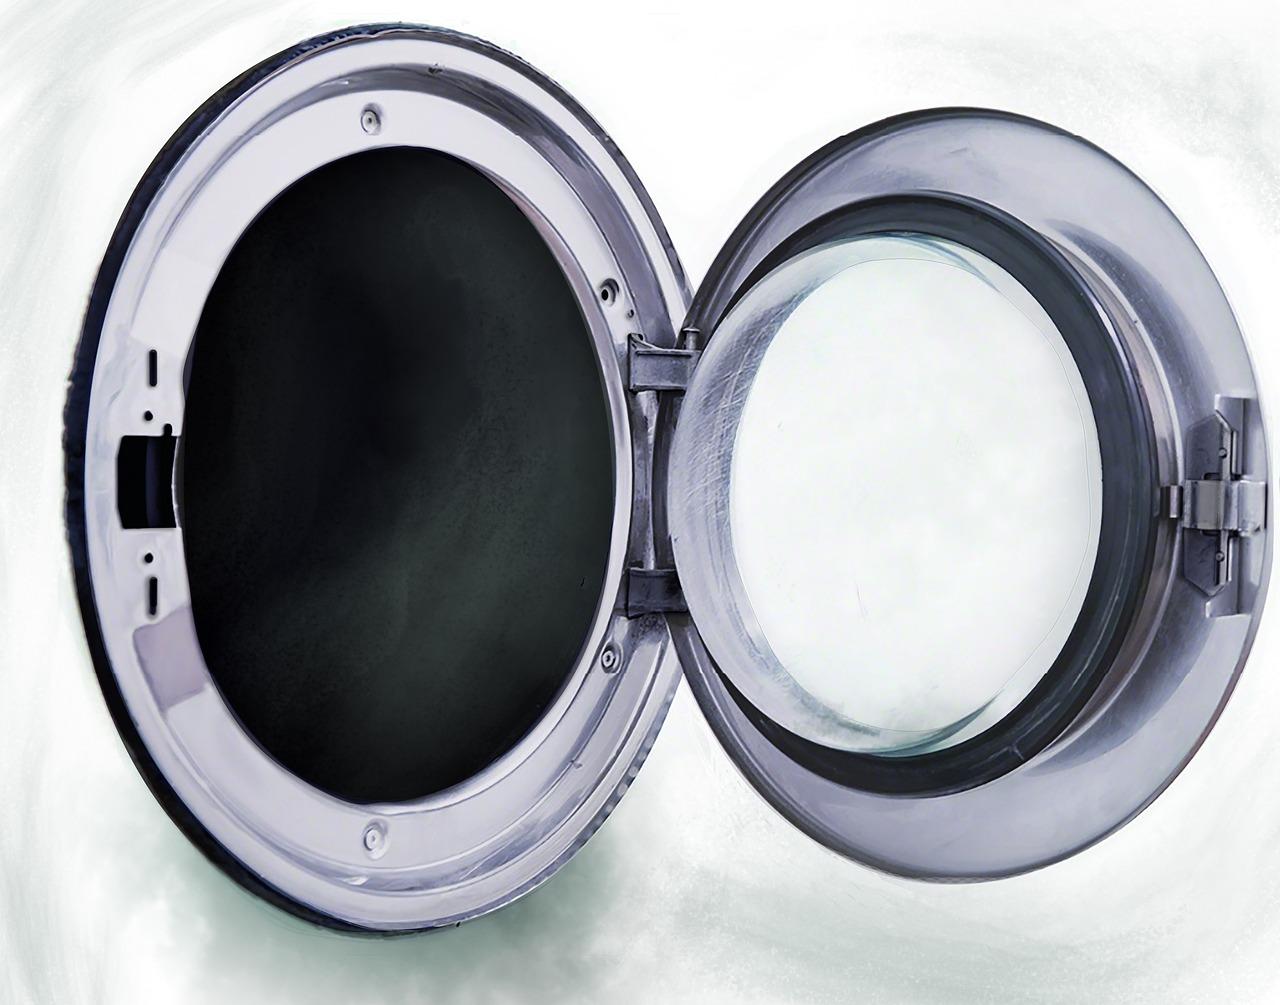 洗濯機にマグネットを貼るのはだめ?|注意点や便利なマグネット収納アイテムをご紹介のサムネイル画像